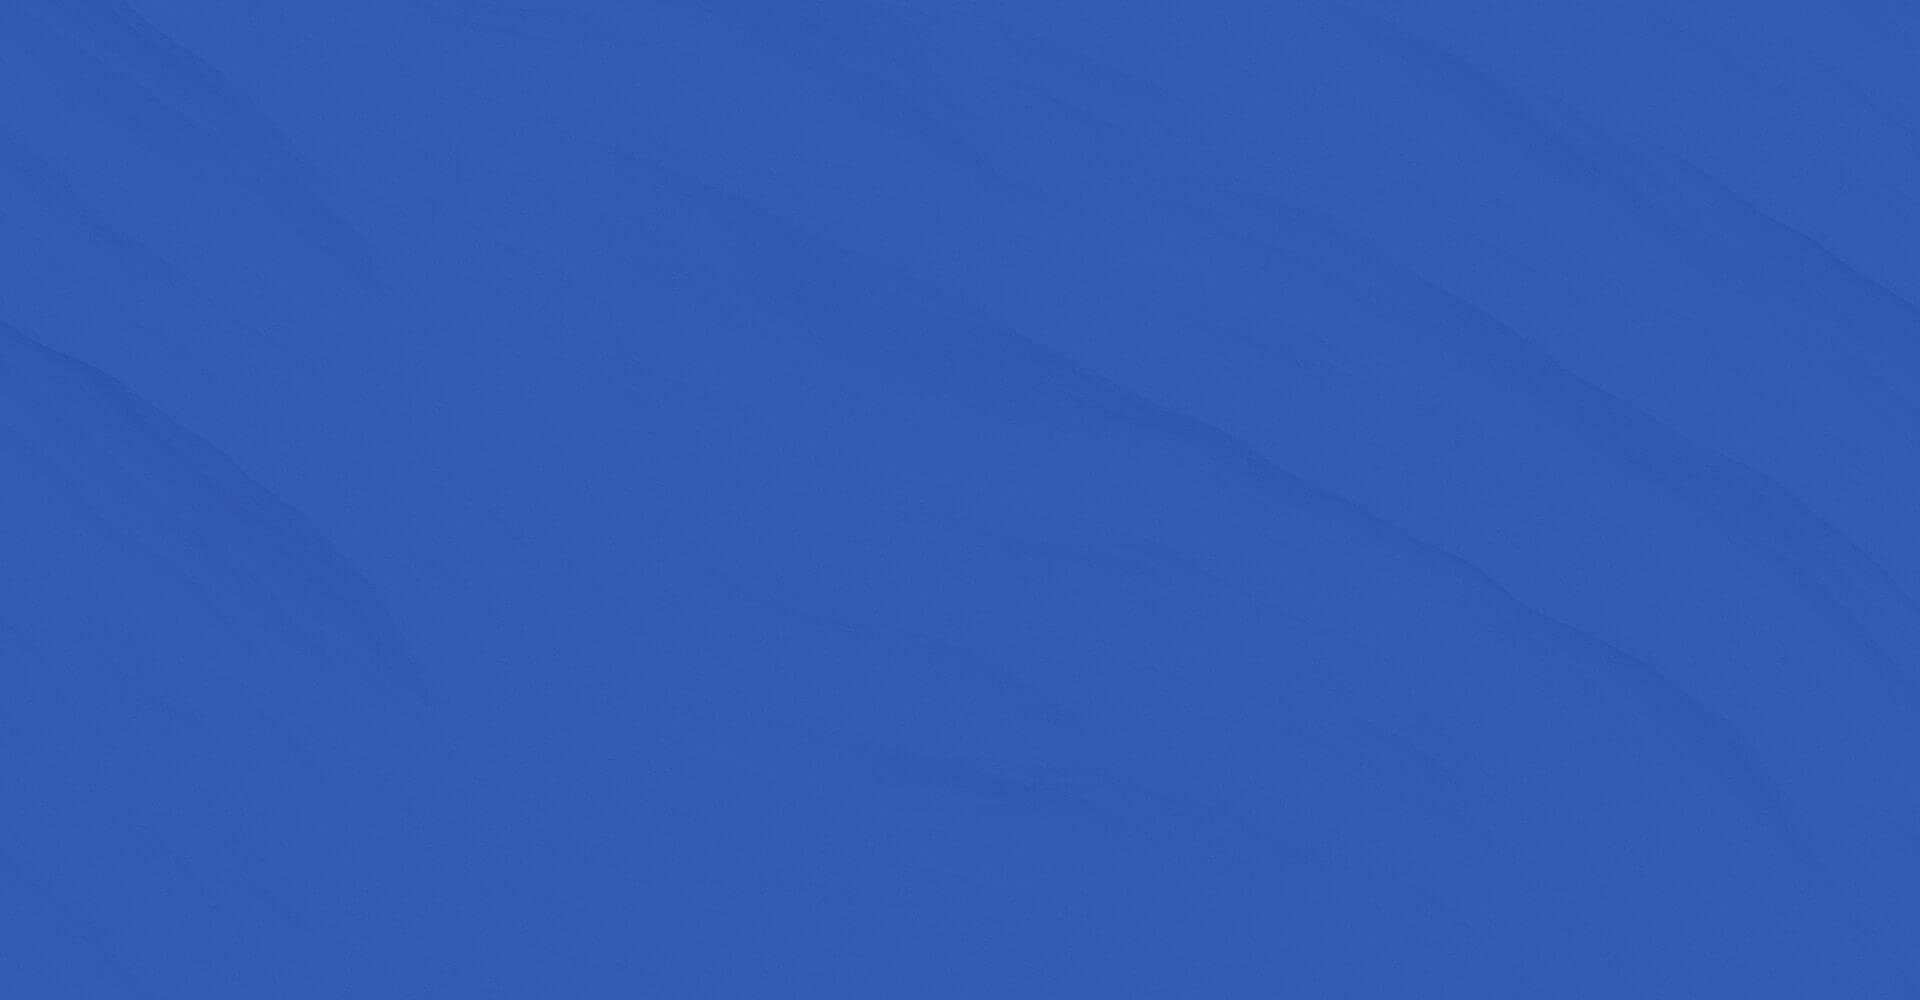 Banner albastru